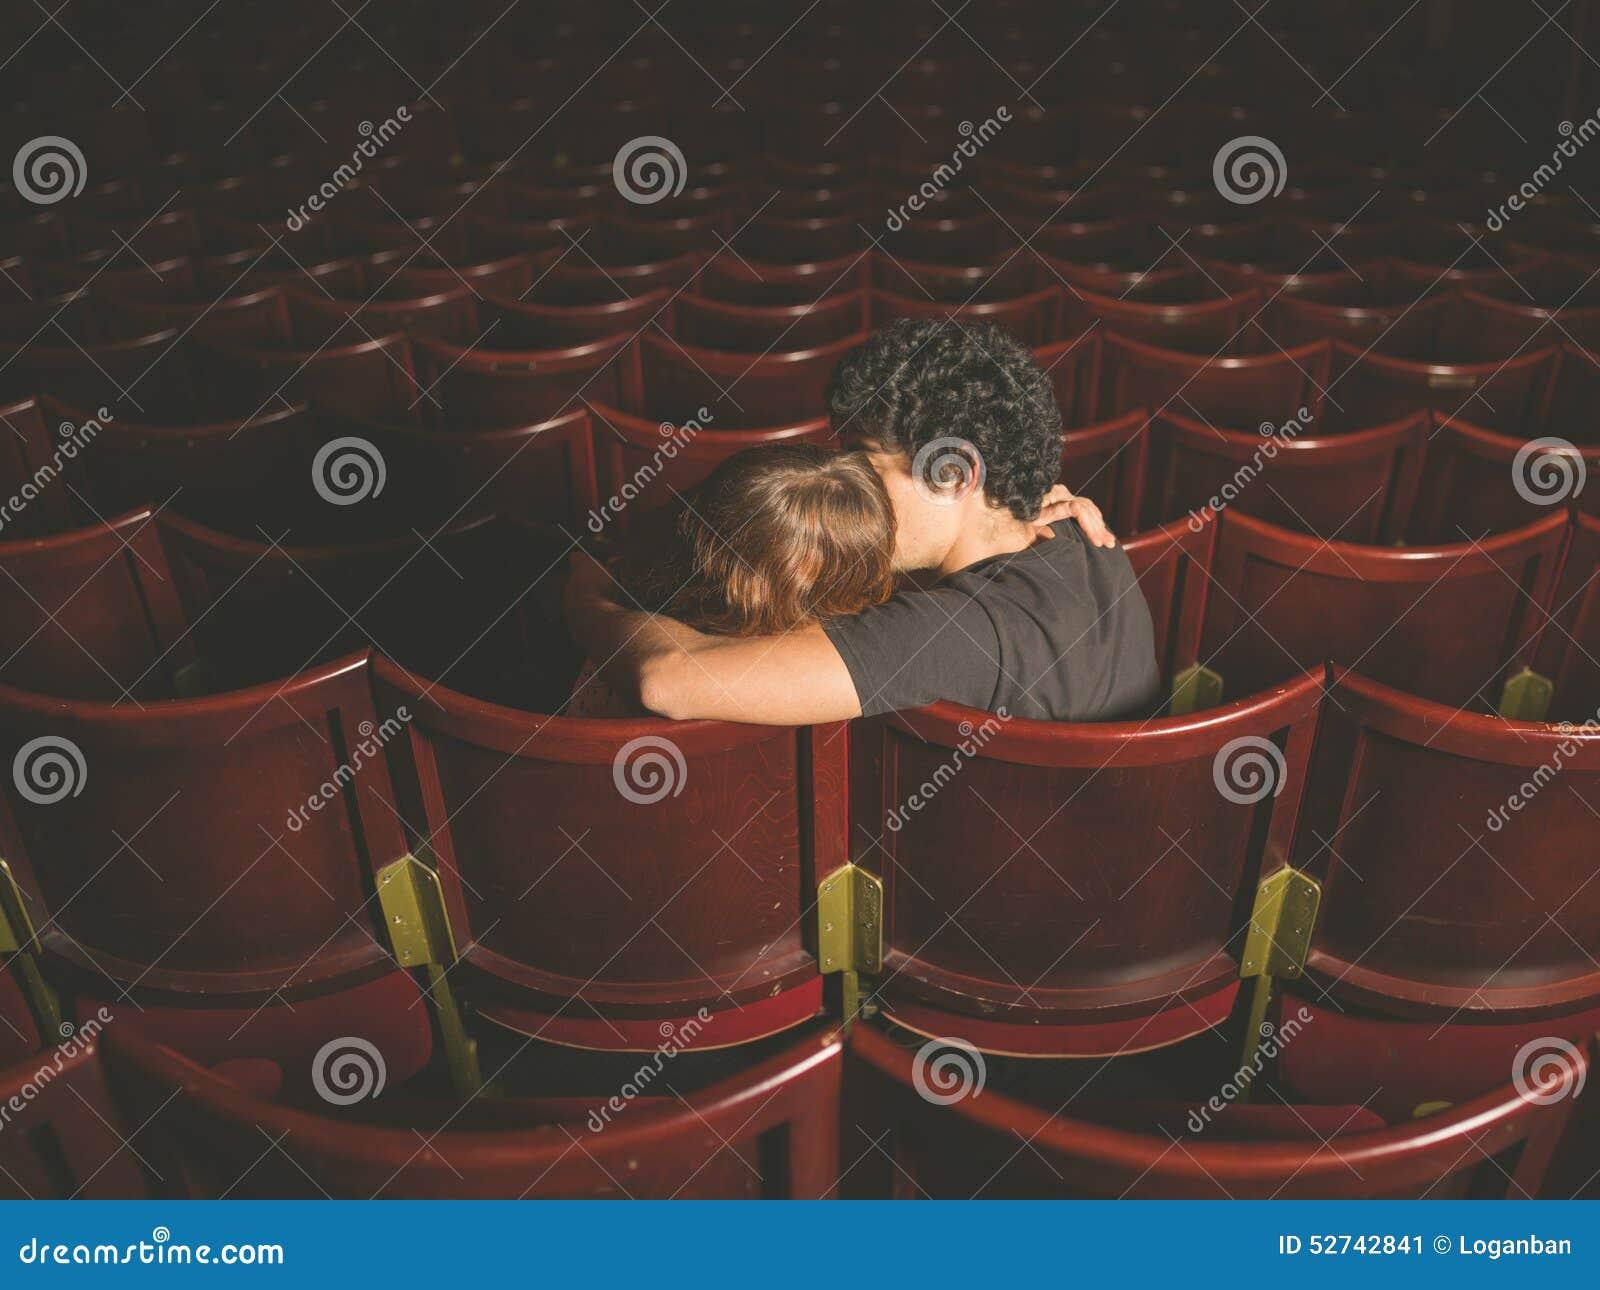 kuss im kino